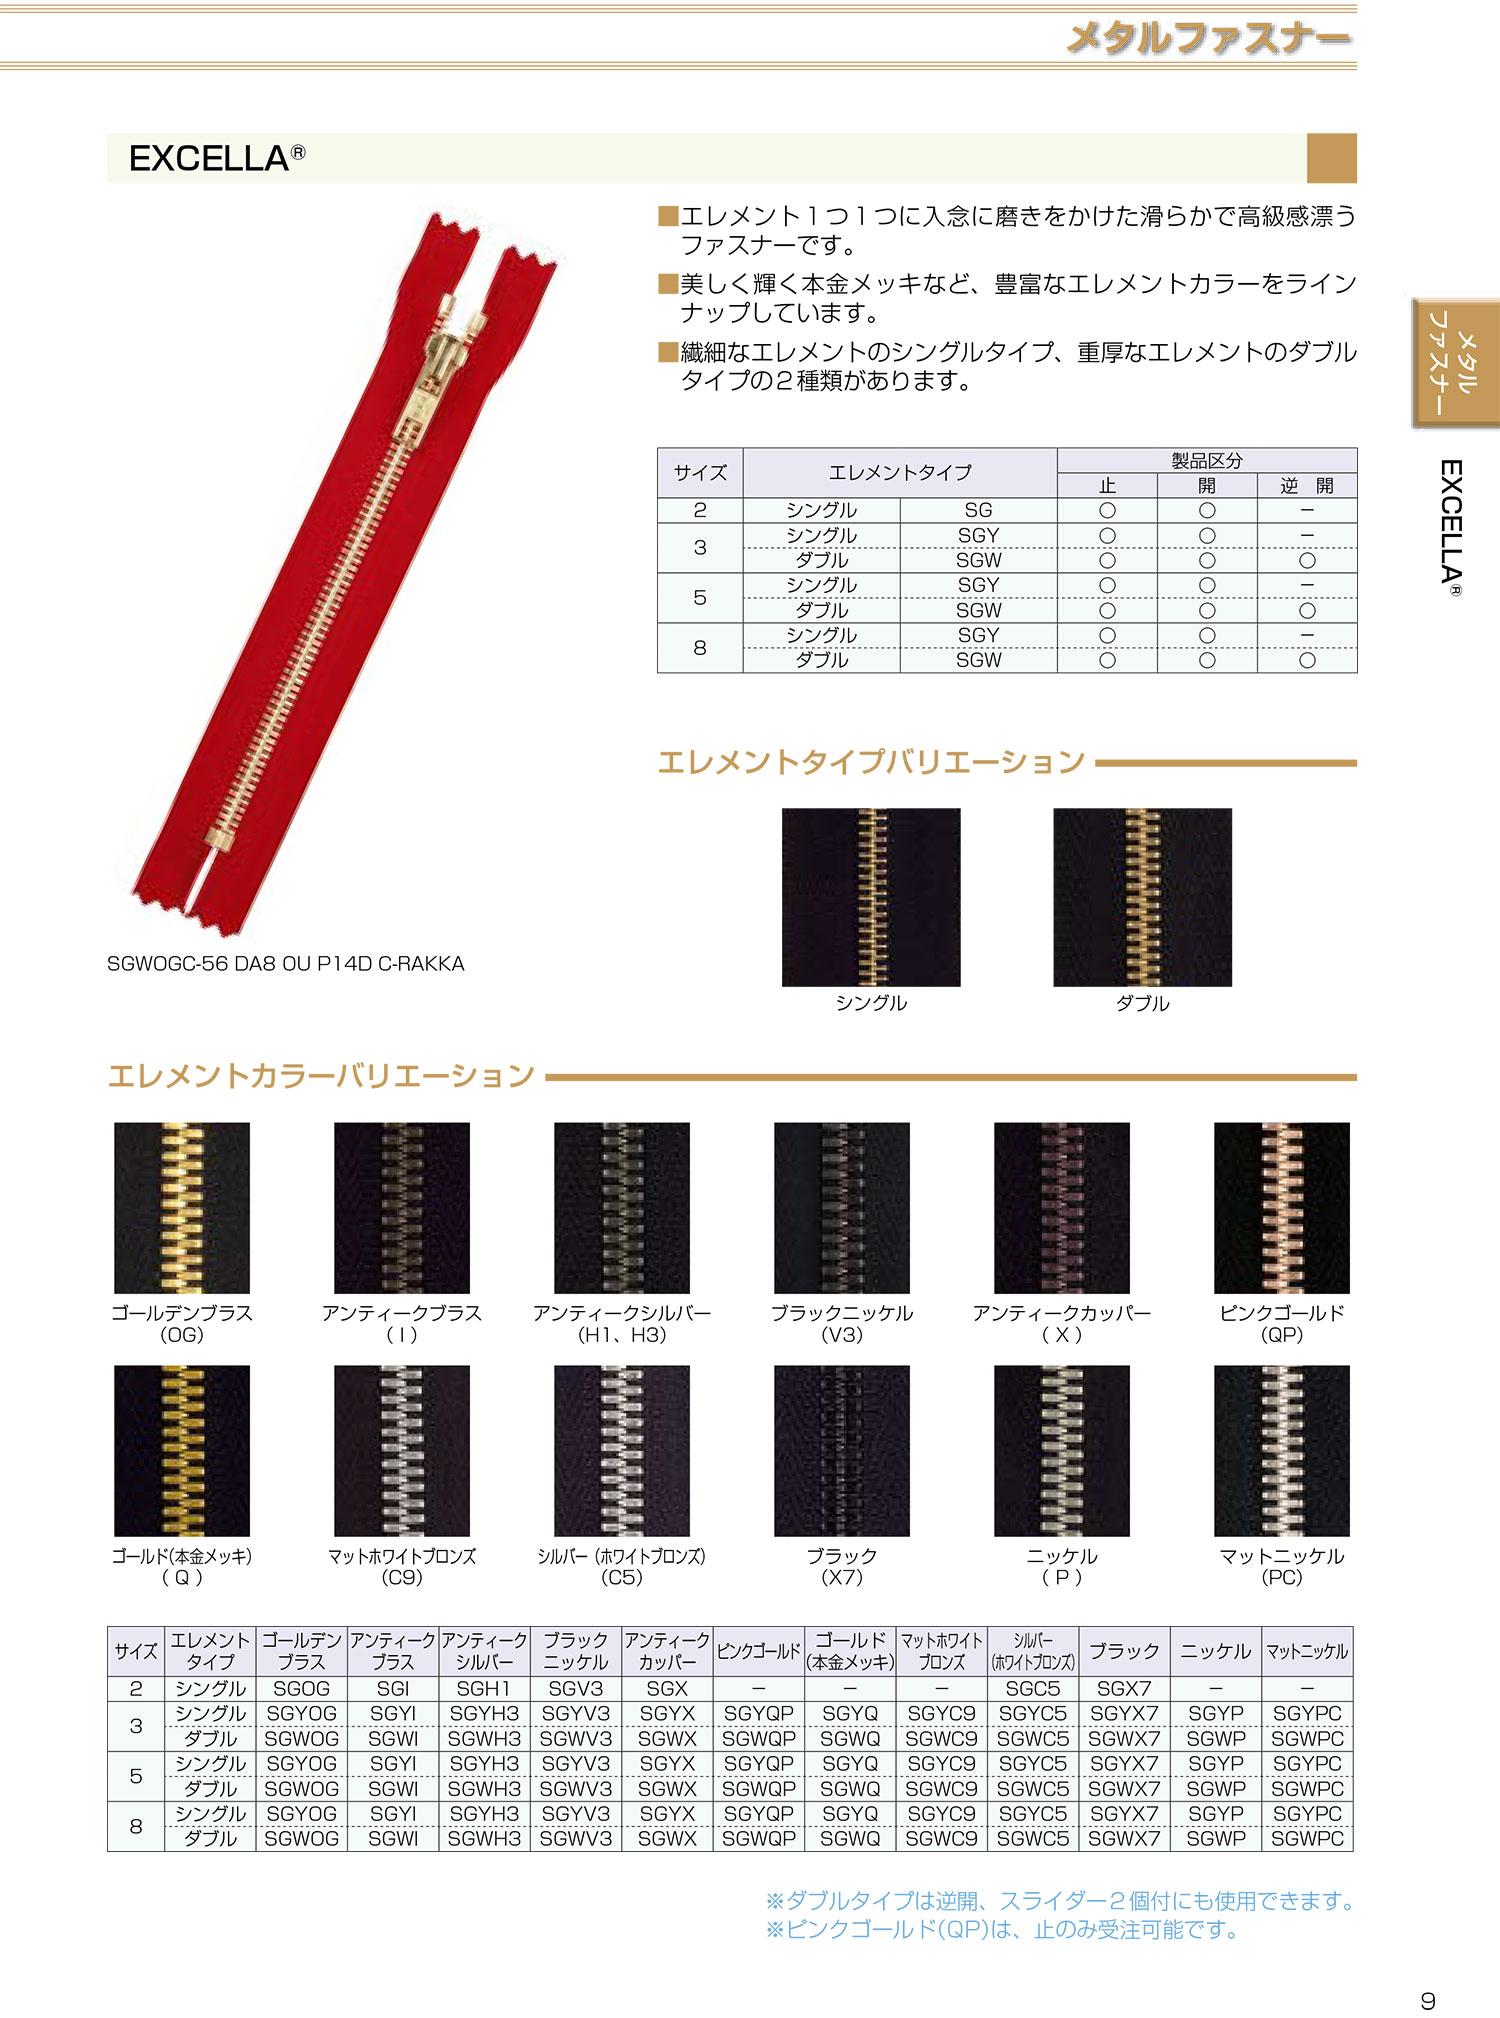 5SGWX7OR エクセラ 5サイズ ブラック オープン ダブル[ファスナー] YKK/オークラ商事 - ApparelX アパレル資材卸通販